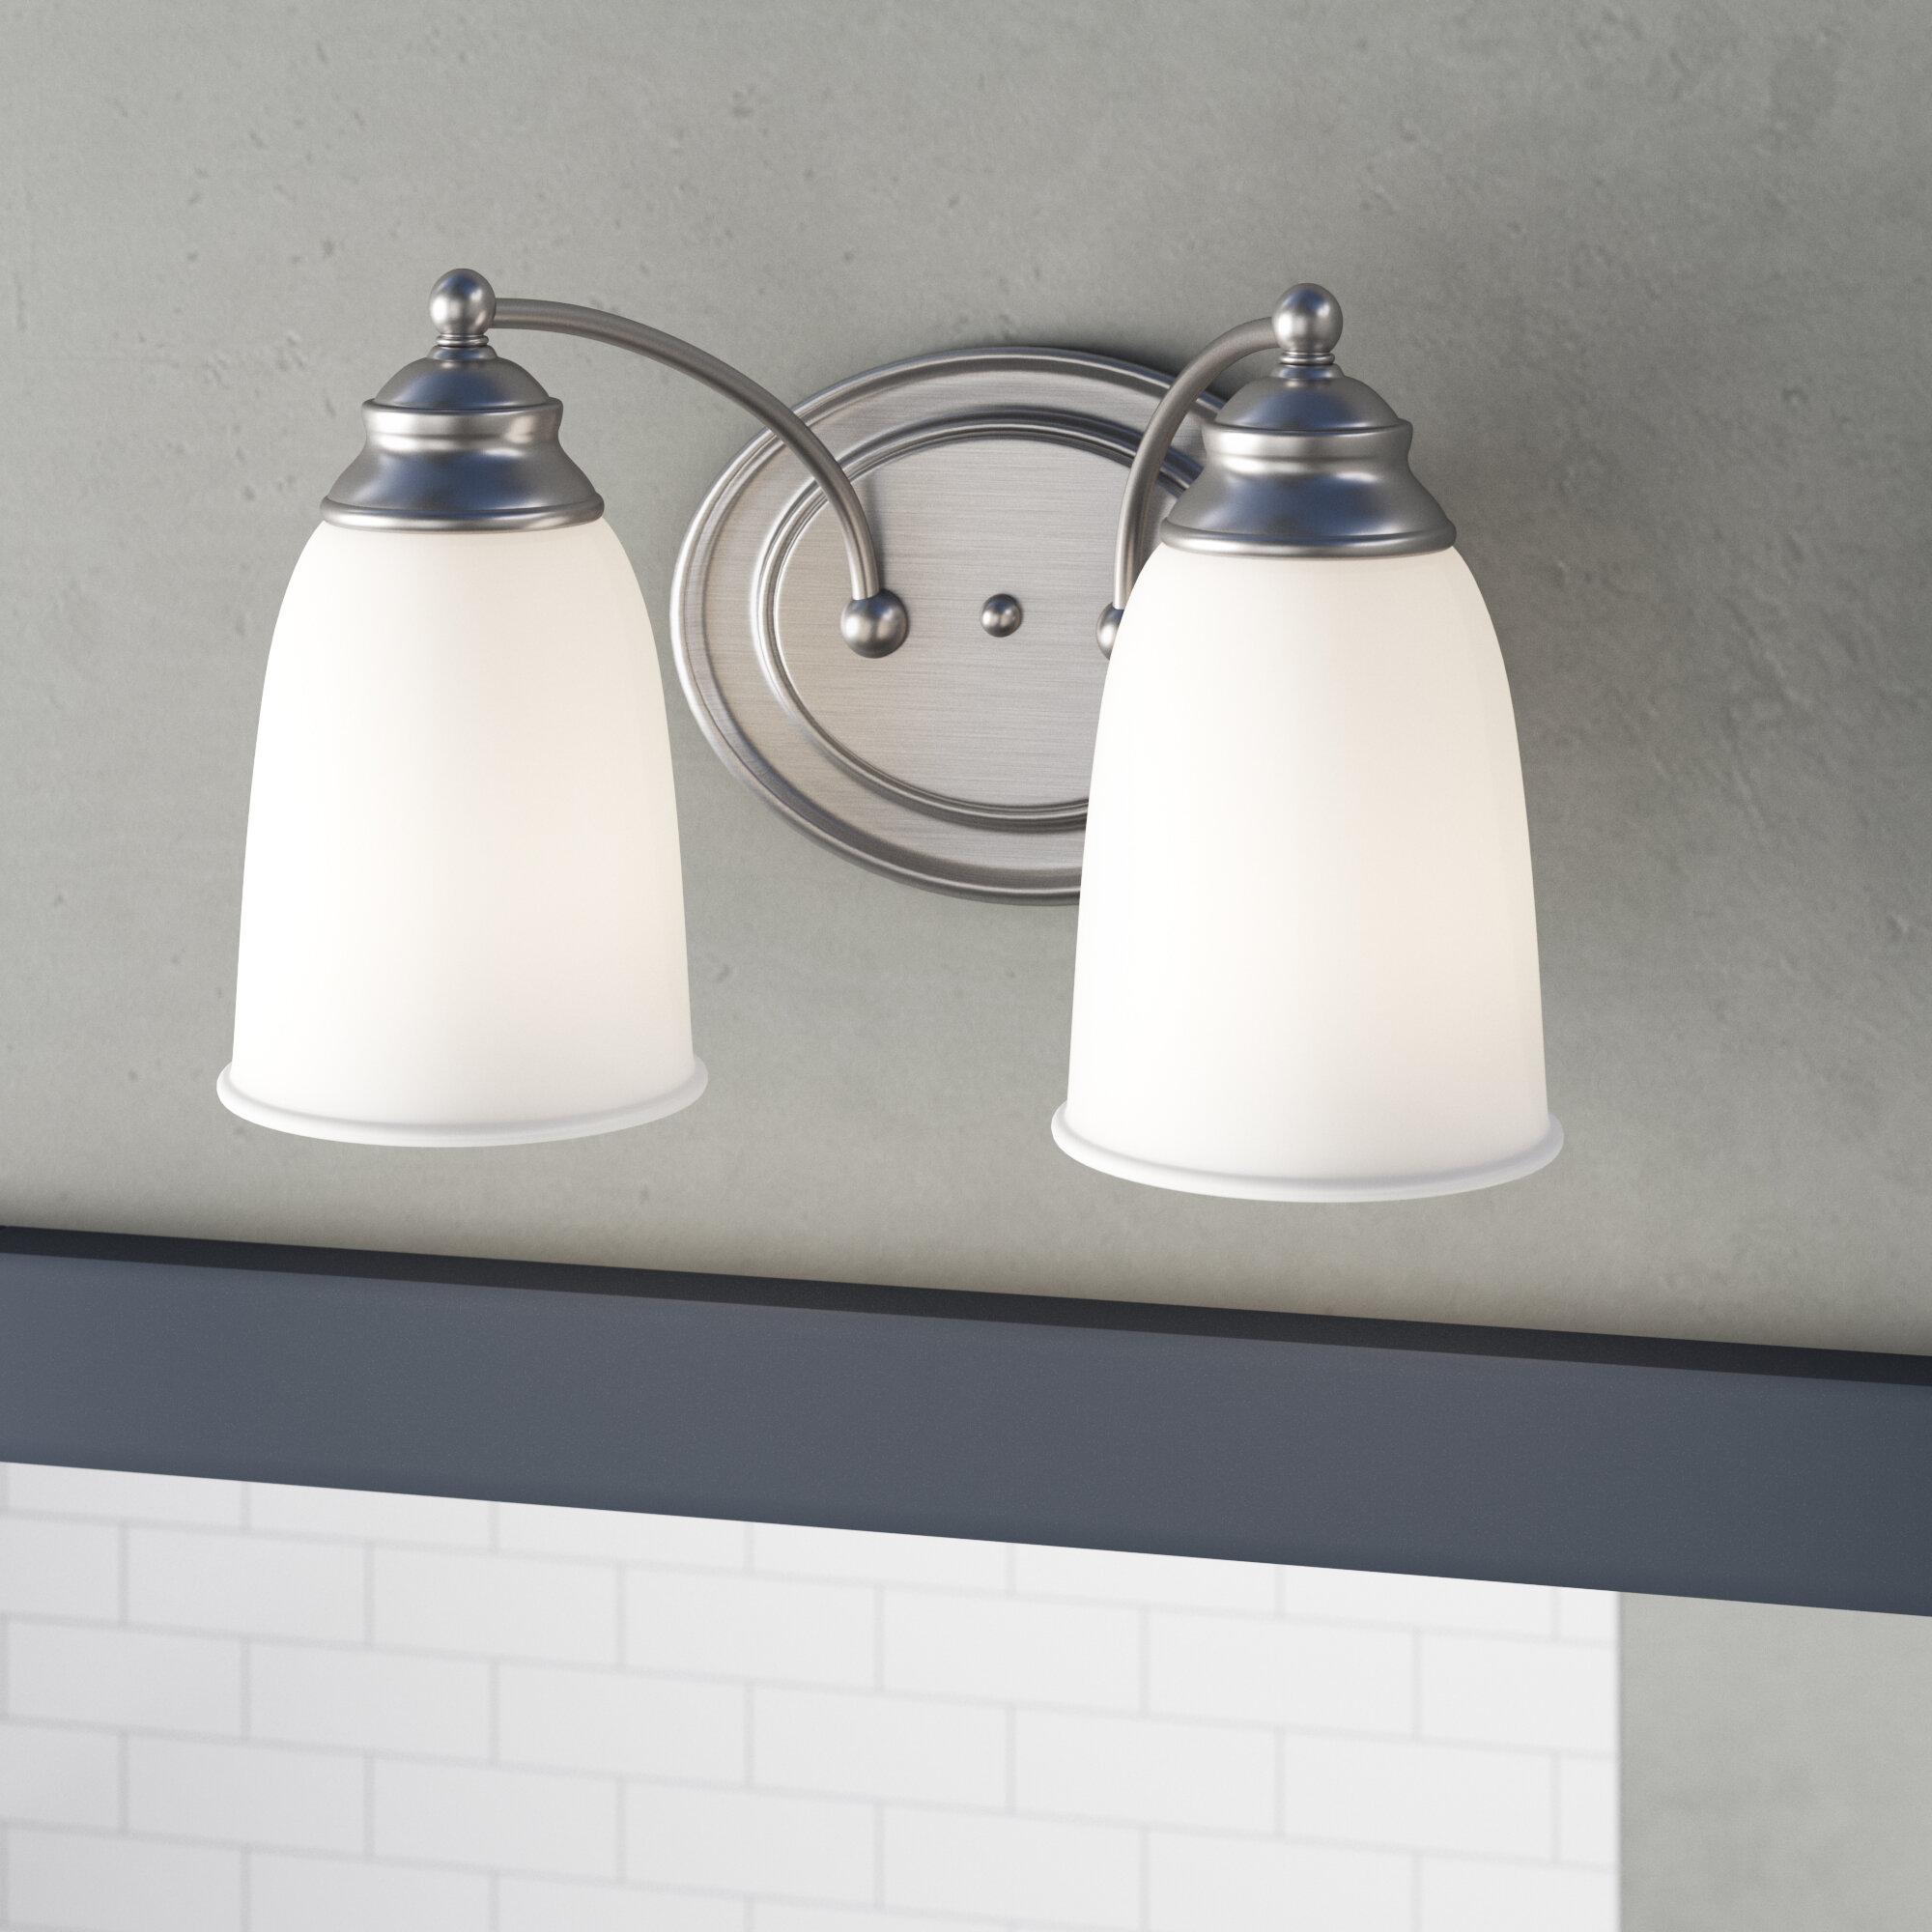 Winston Porter Kelwynne 2 Light Vanity Light Reviews Wayfair